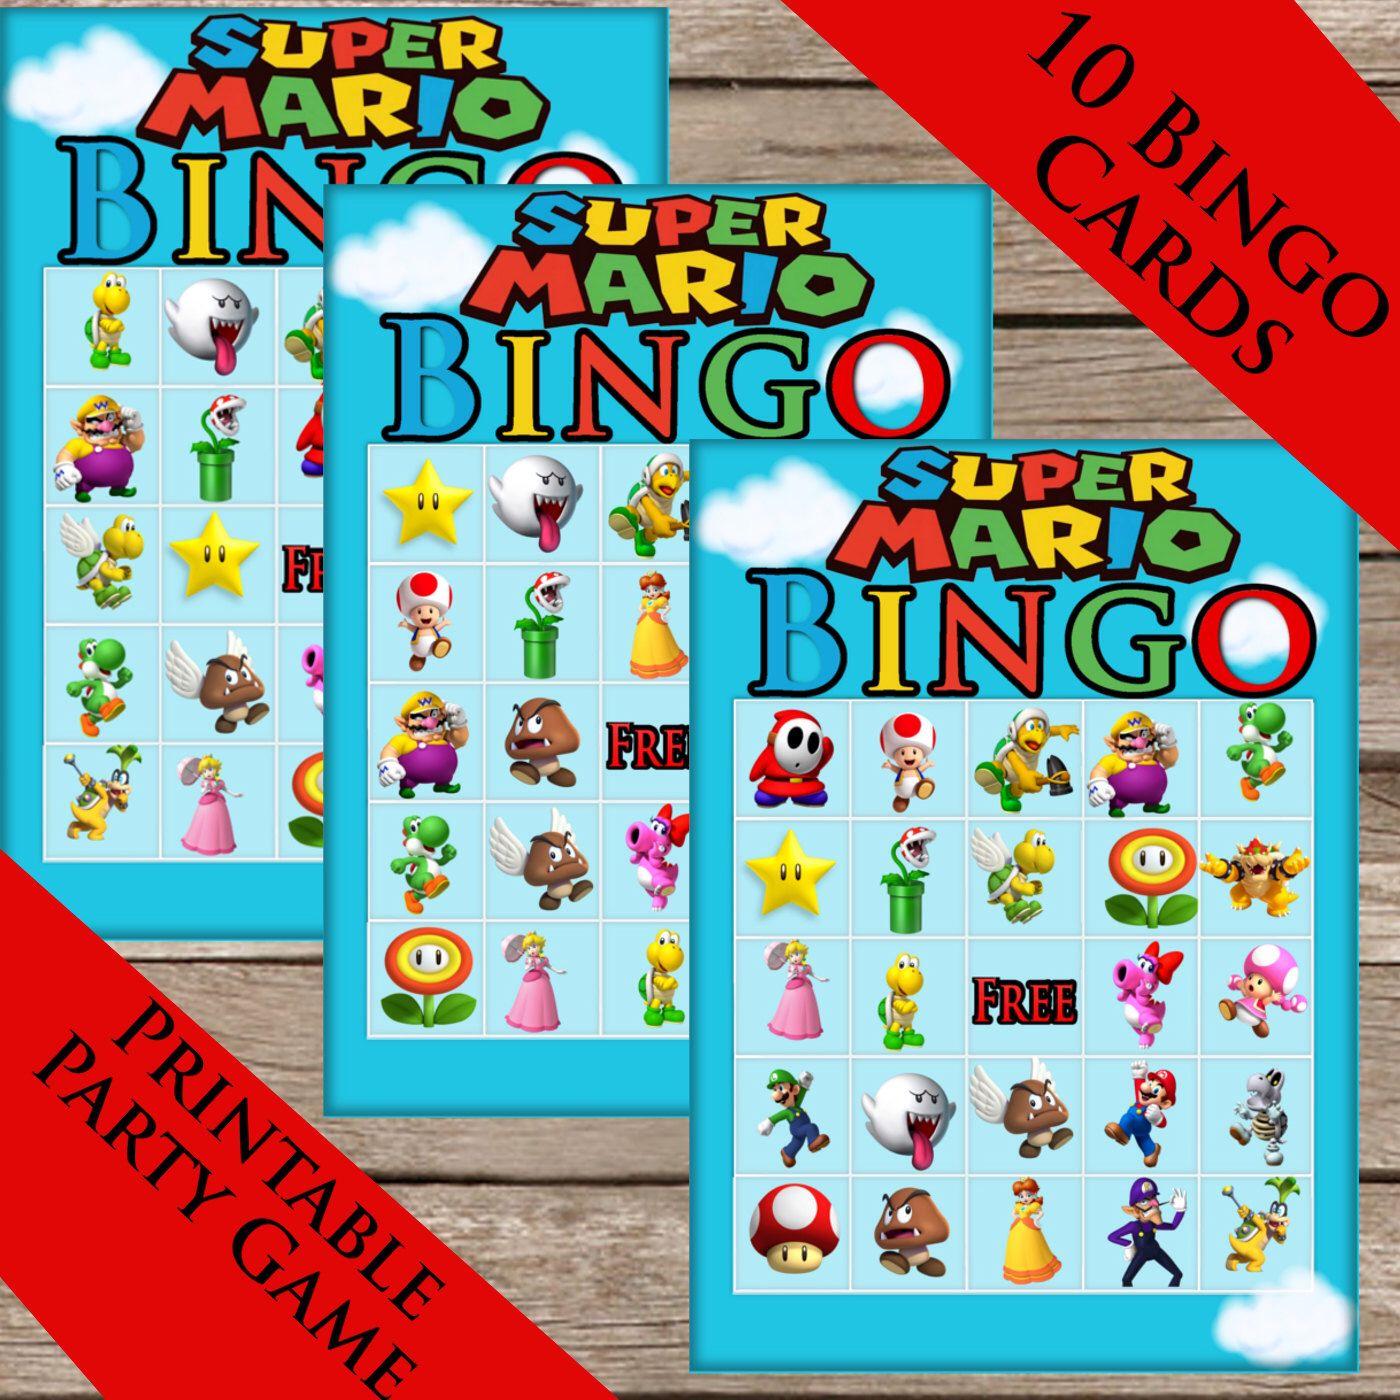 Super Mario Bros. Bingo! 10 Extra Cards! Digital Download